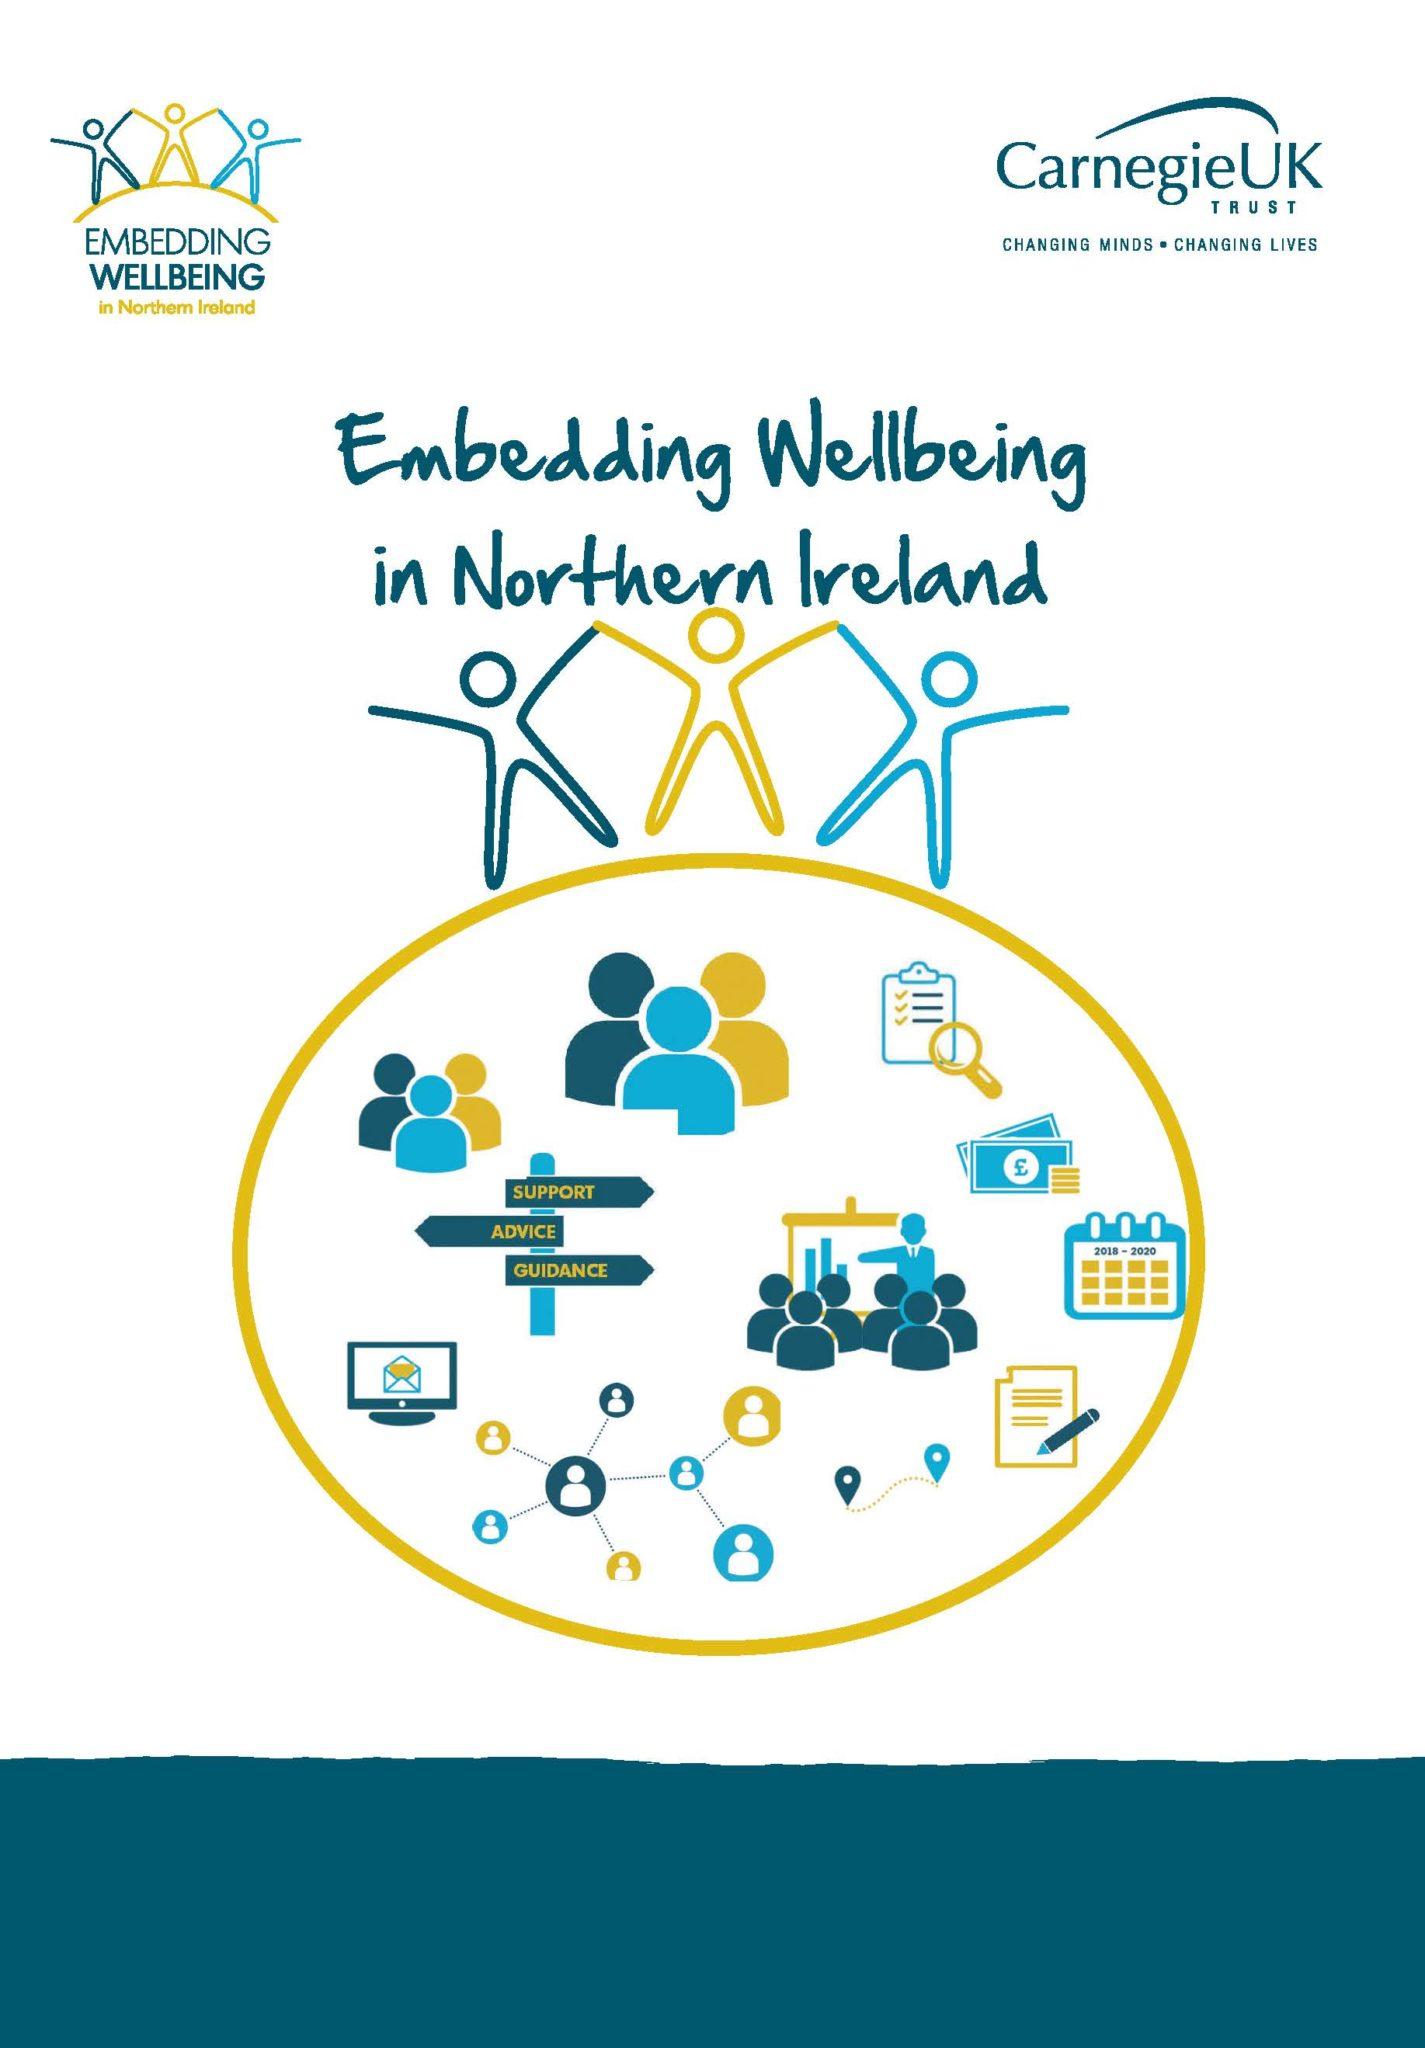 Embedding Wellbeing in Northern Ireland